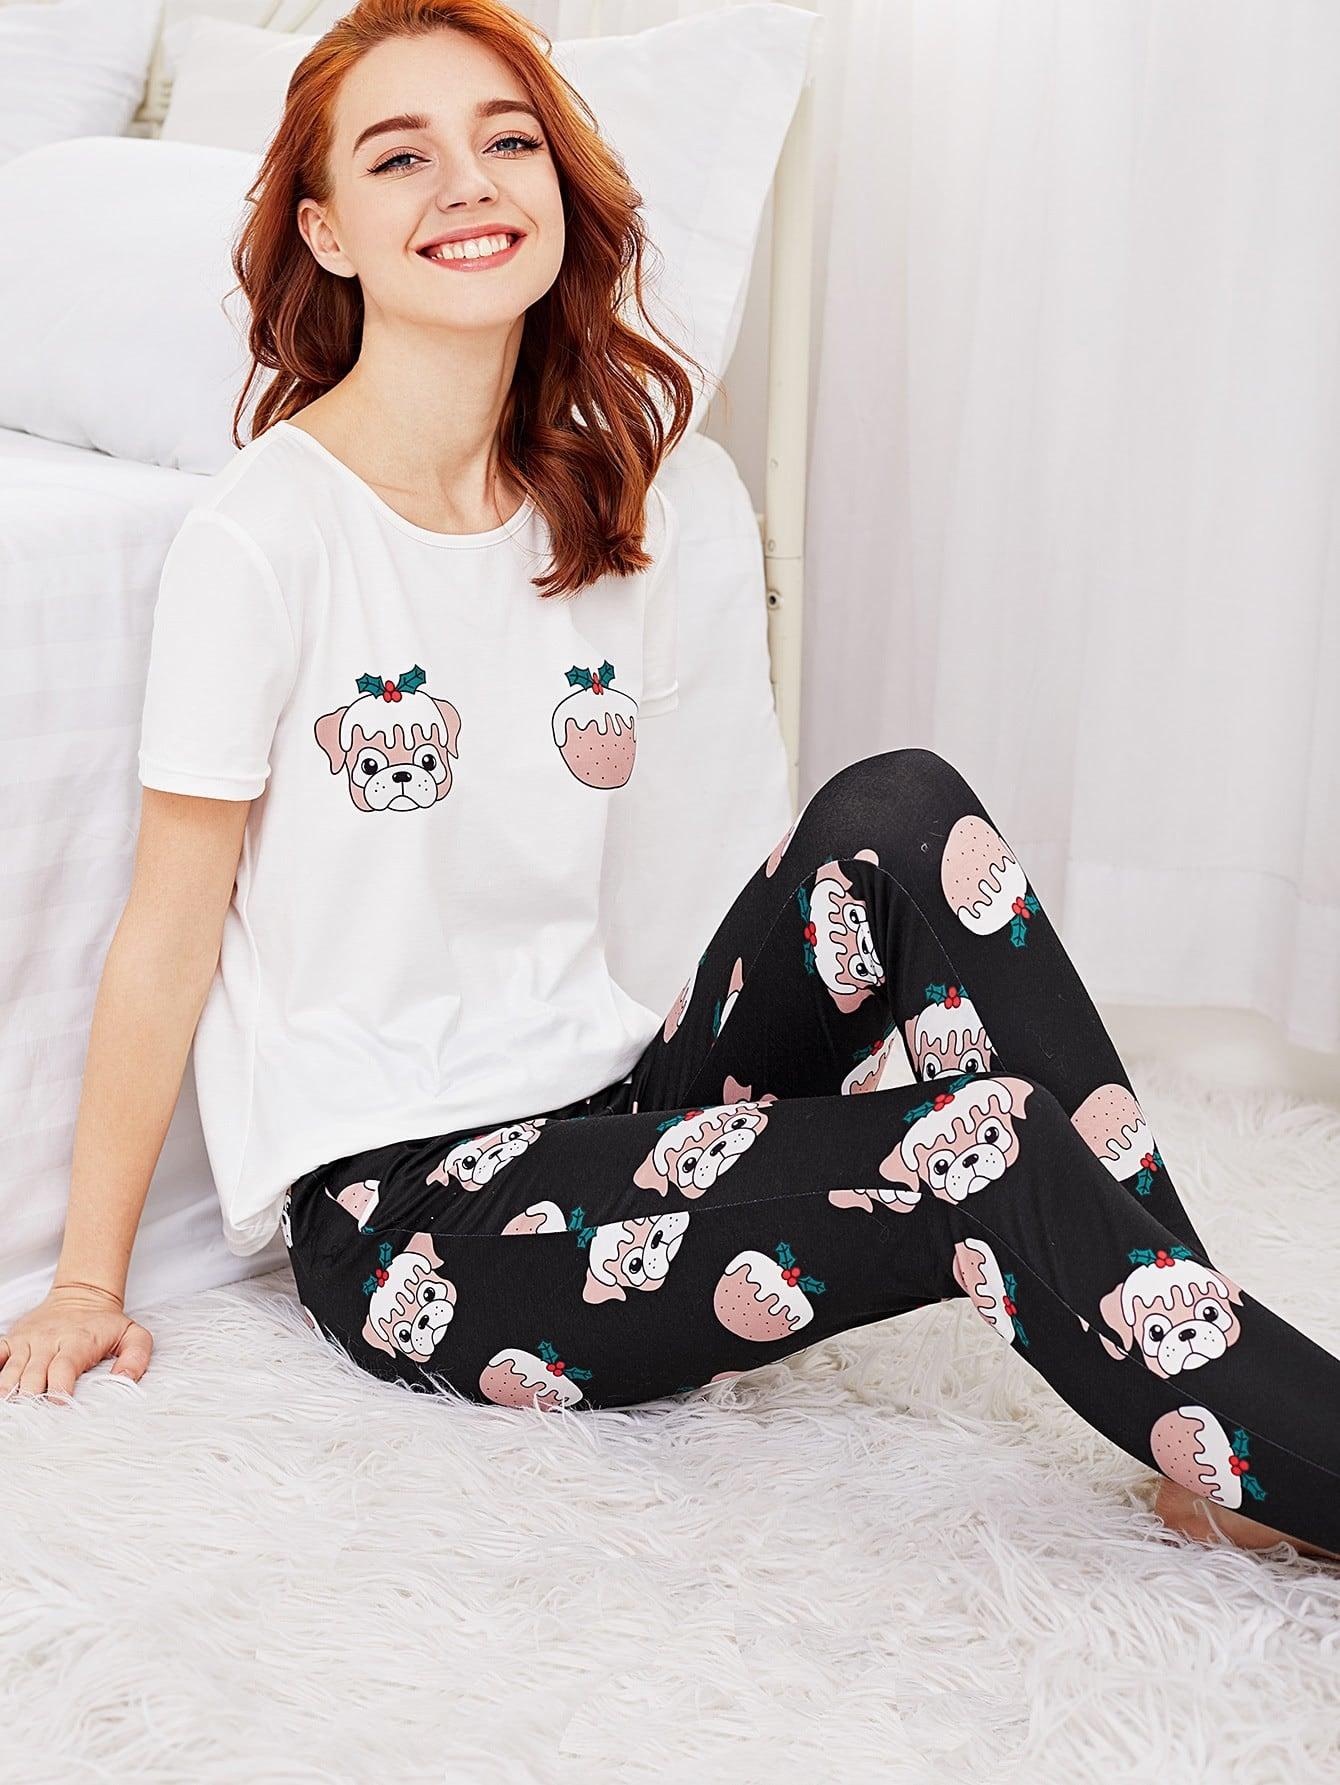 Miamasvin loves u! Womens Clothing. Korean Fashion 9